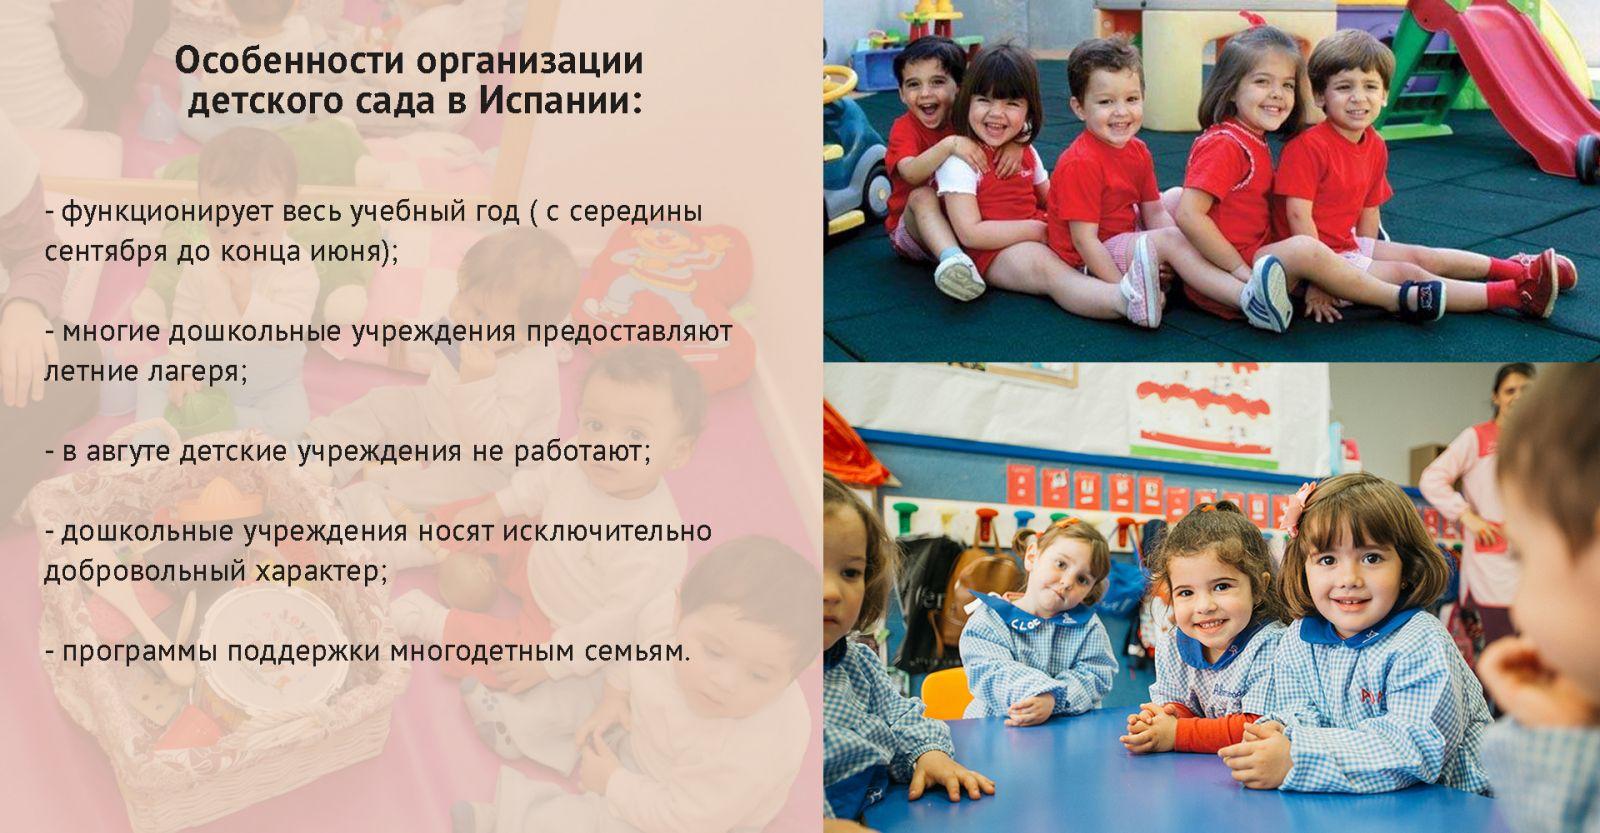 Основные особенности дошкольных учреждений в Испании